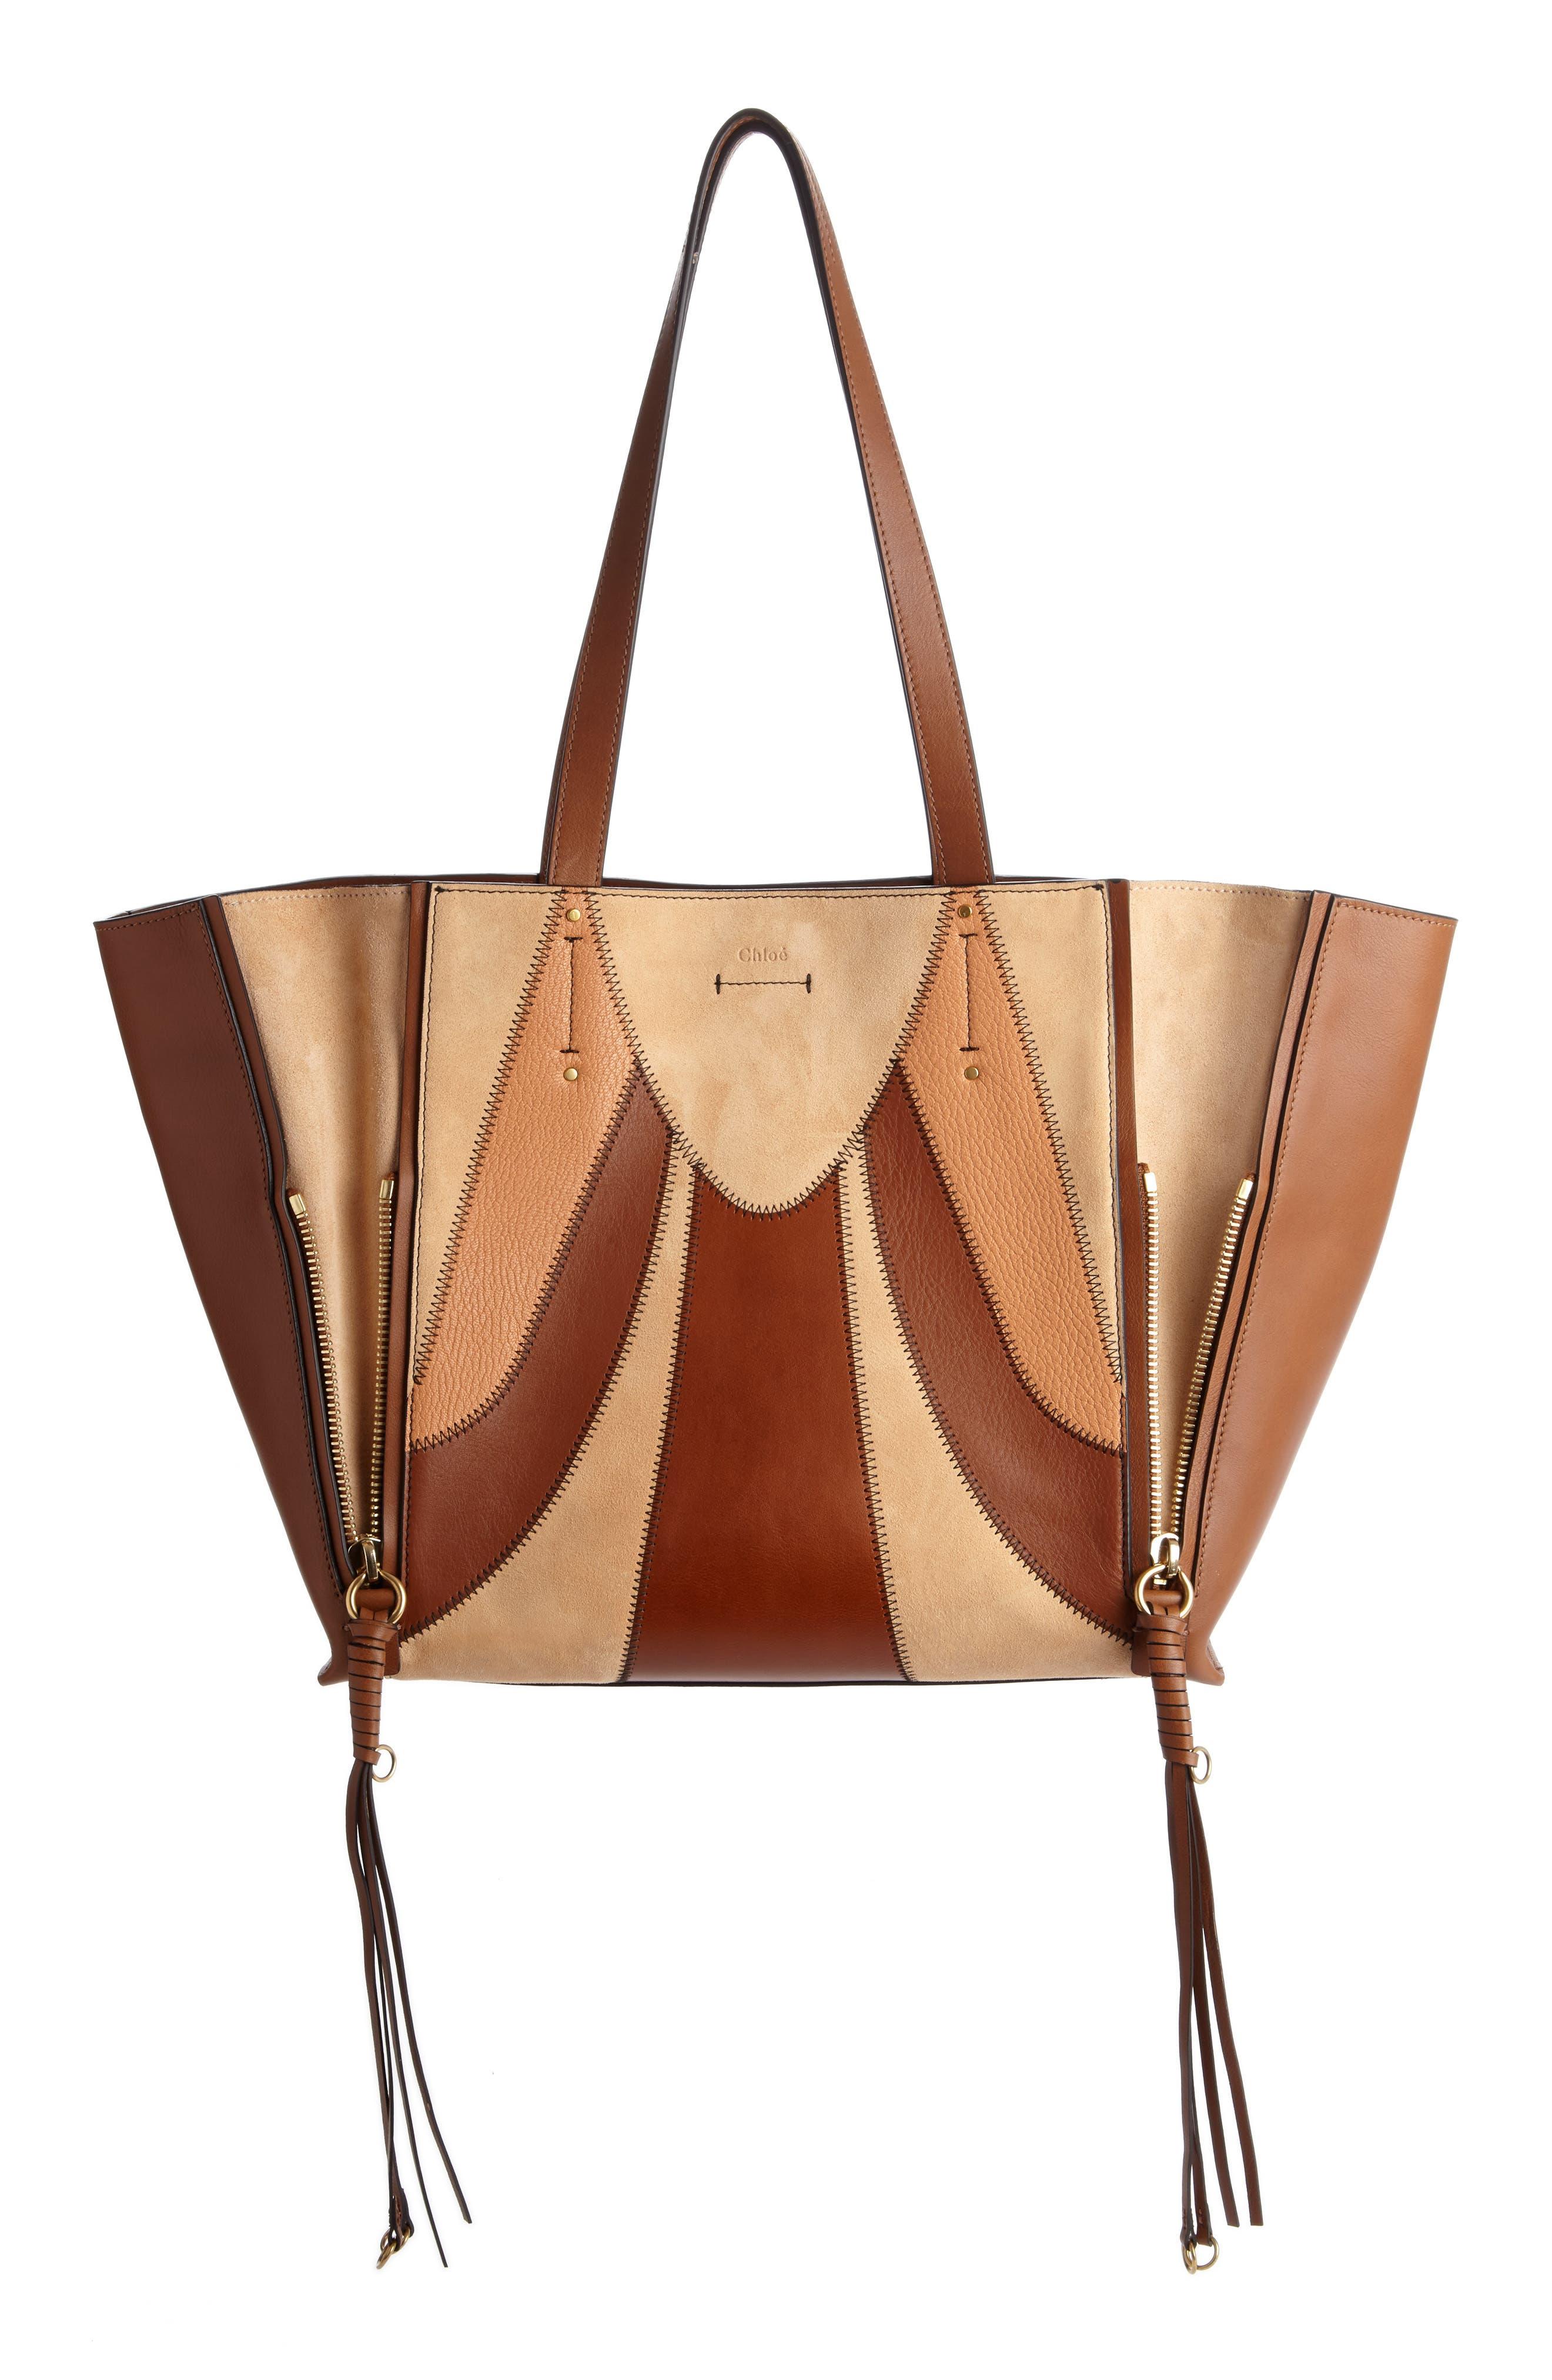 Chloé Medium Milo Calfskin Leather & Suede Tote